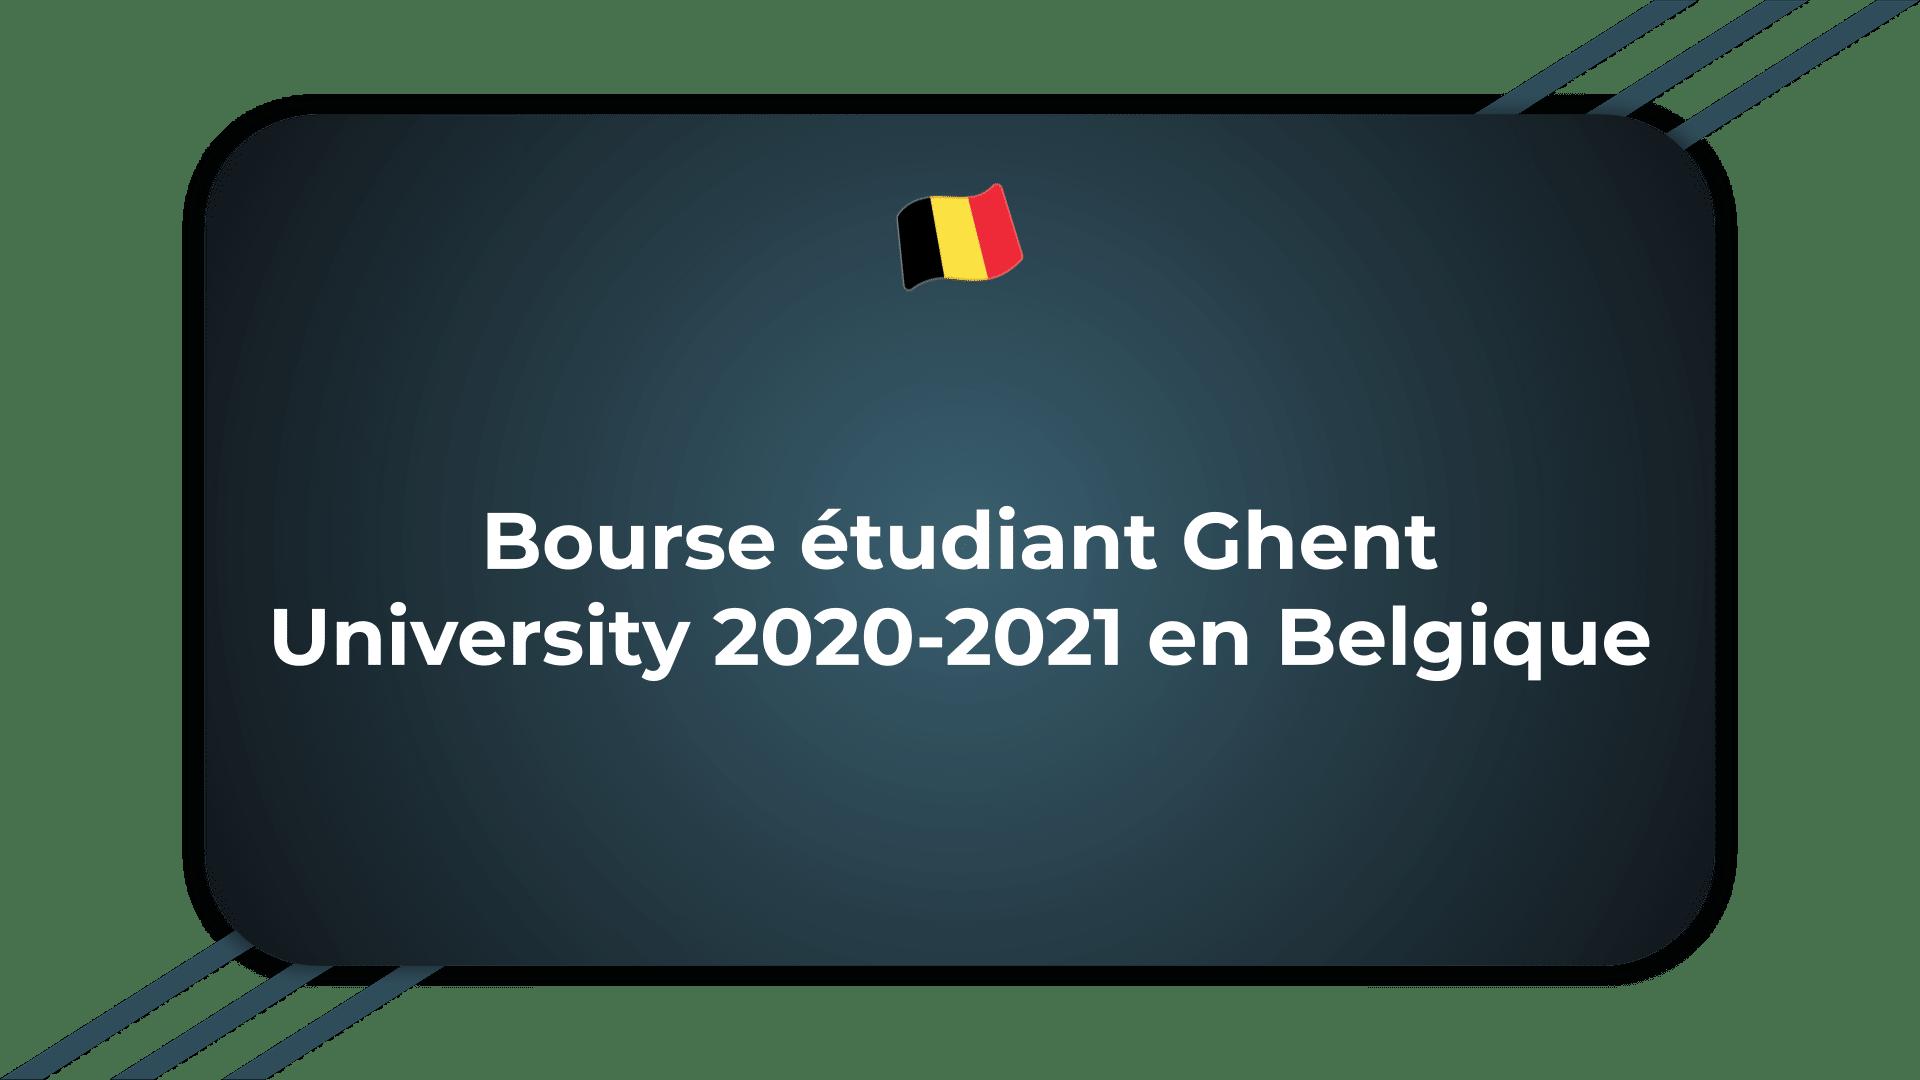 Bourse étudiant Ghent University